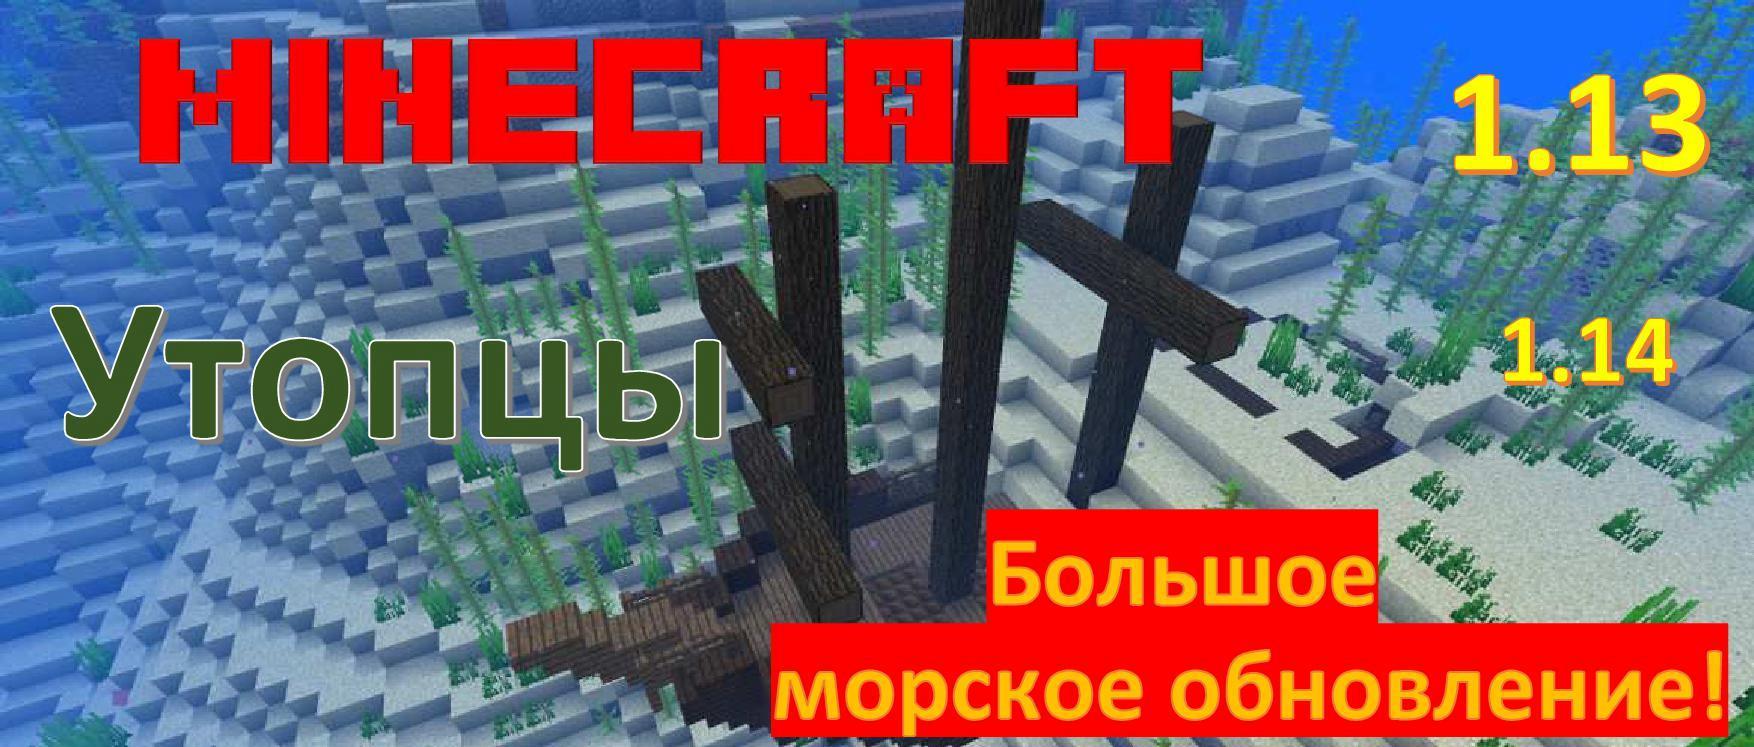 Большое морское обновленик 1.13 1.14 Утопцы.jpg